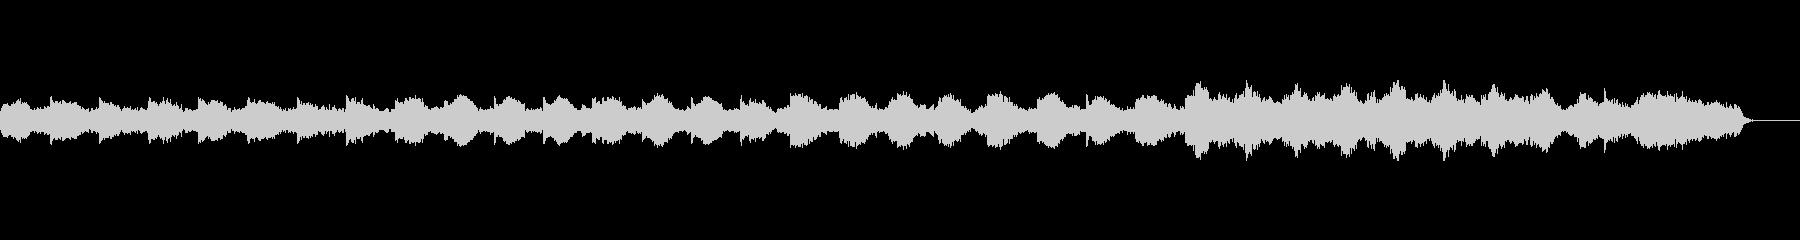 この曲は、ドラゴンクエスト世界の天竺…の未再生の波形